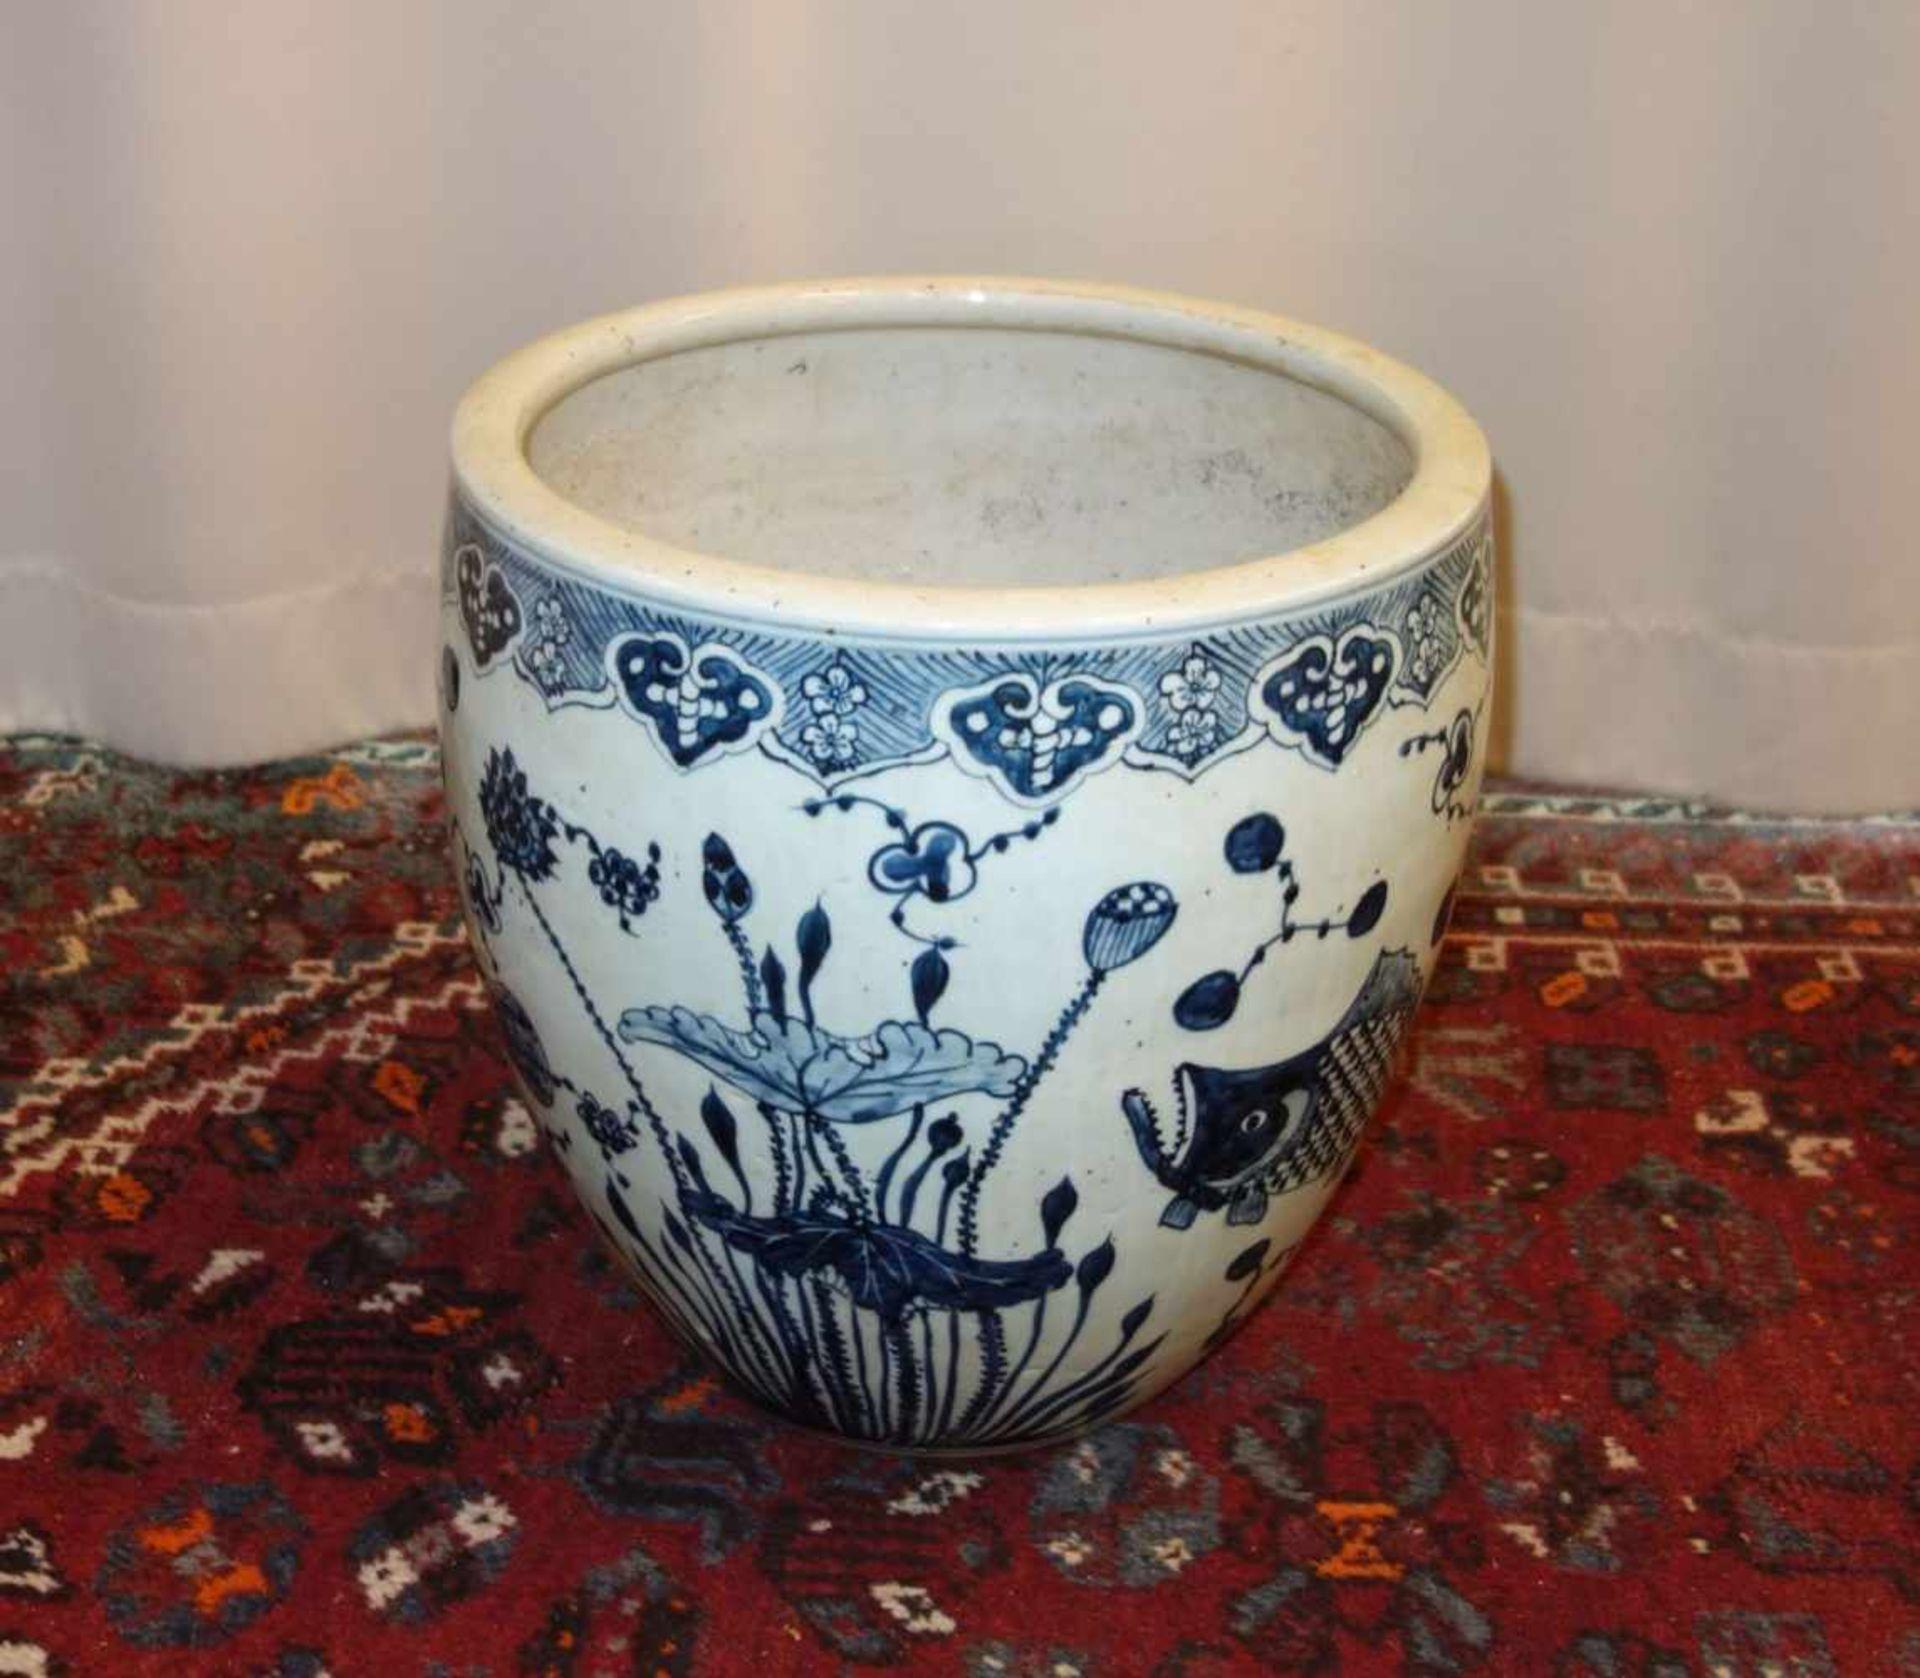 Los 456 - CACHEPOT / BLUMENÜBERTOPF / flowerbowl, China, ungemarkt, dekoriert mit umlaufender Blaumalerei:...